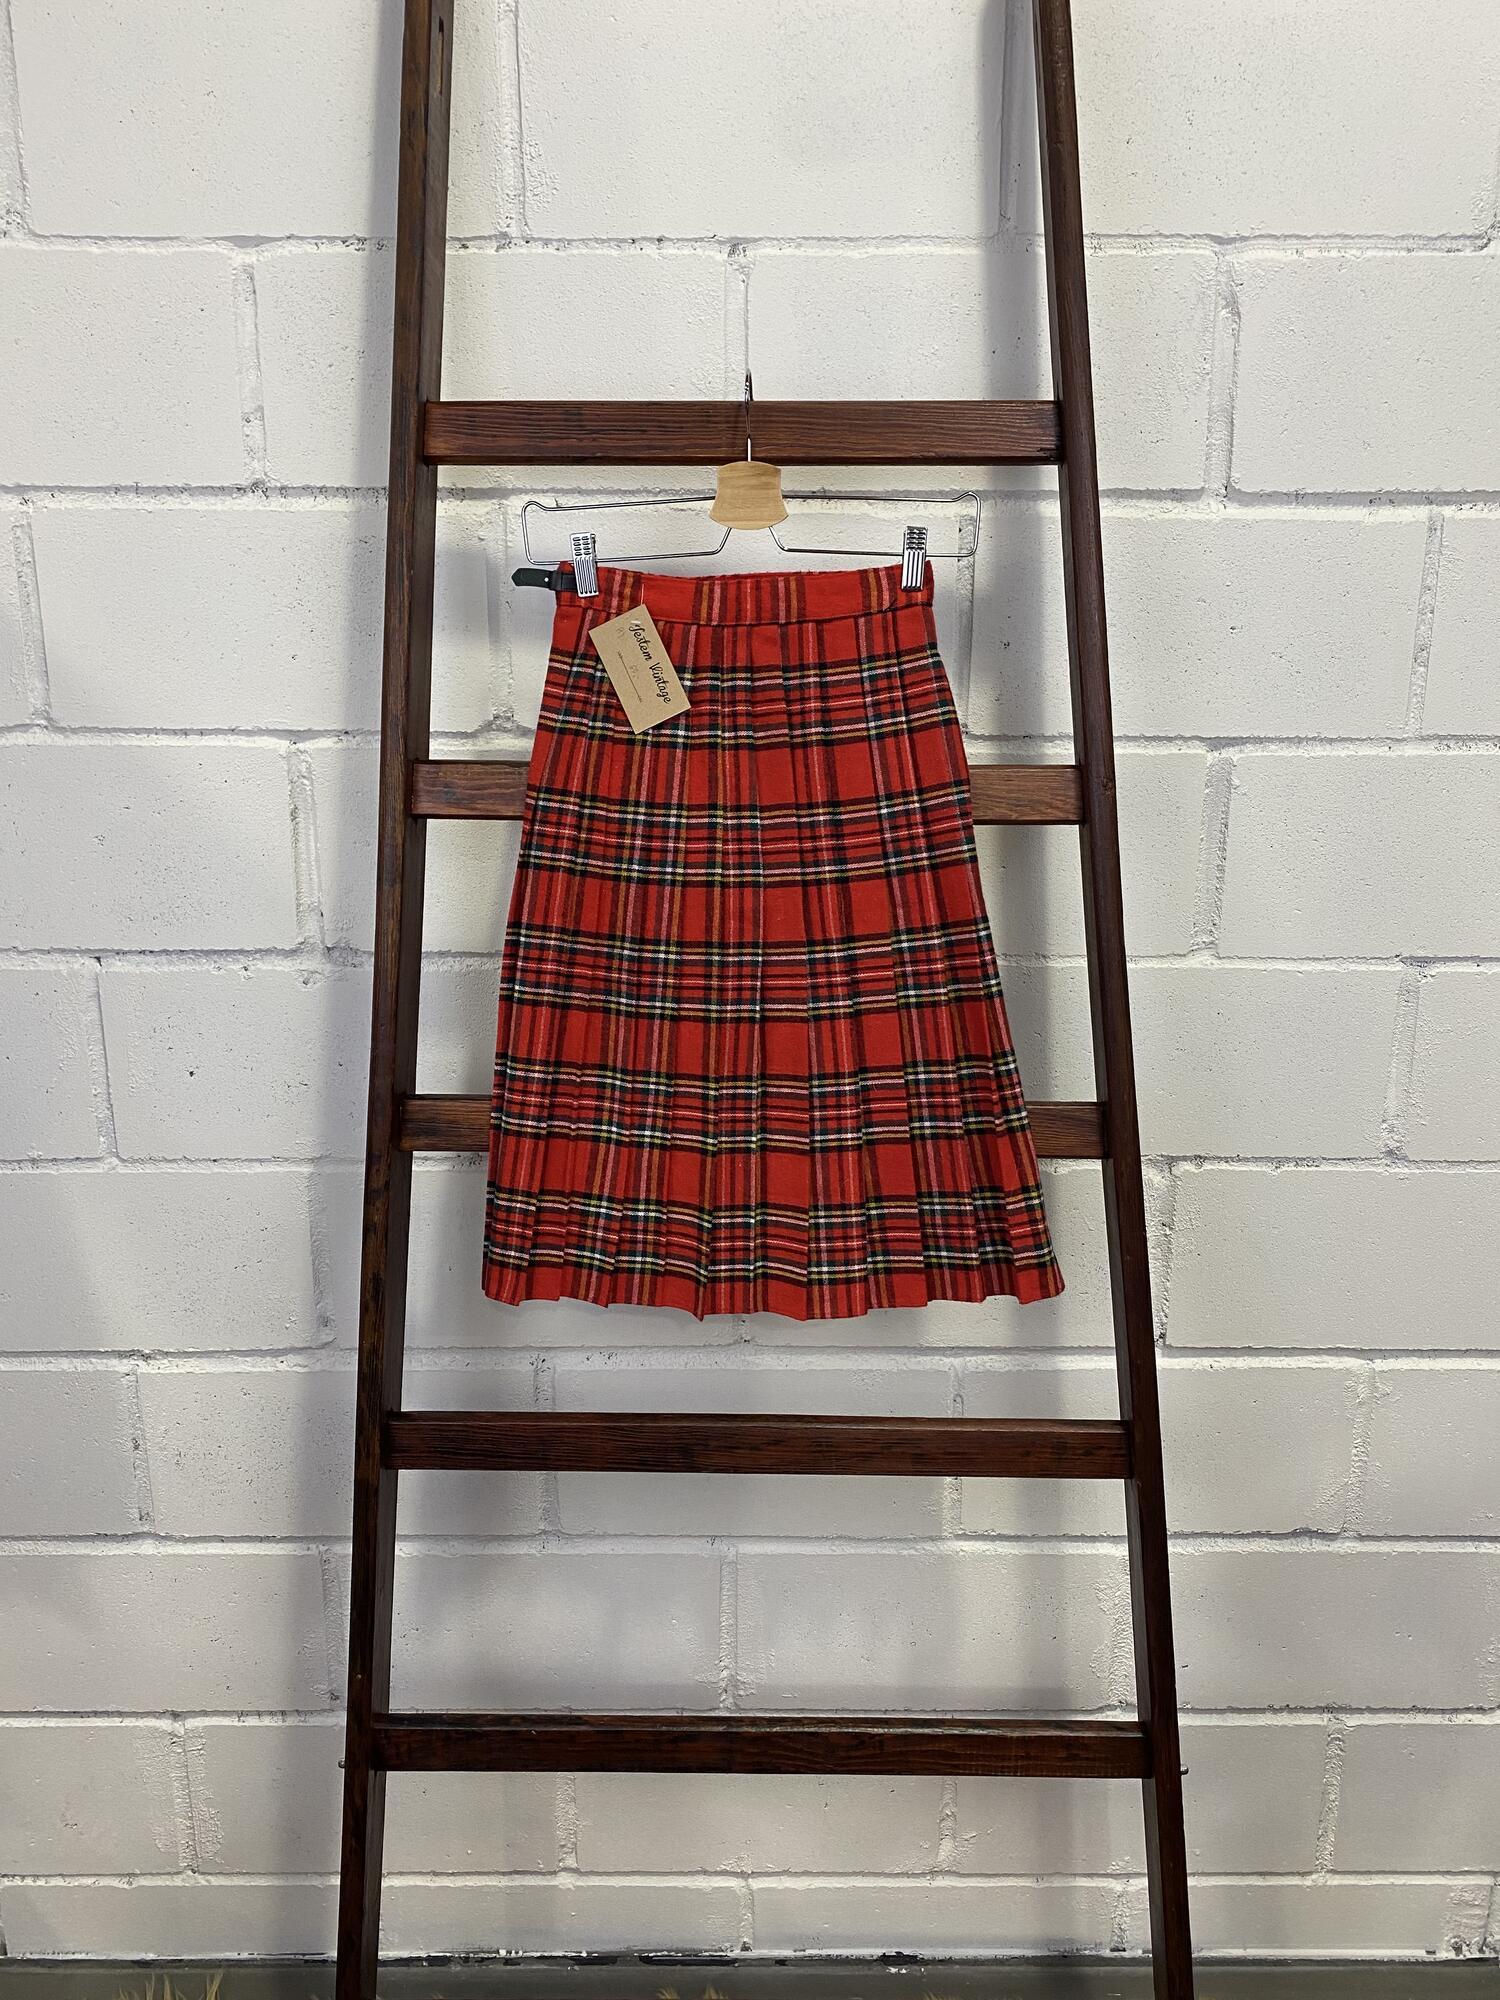 Czerwona wełniana spódnica w kratę - Vintage Store | JestemSlow.pl